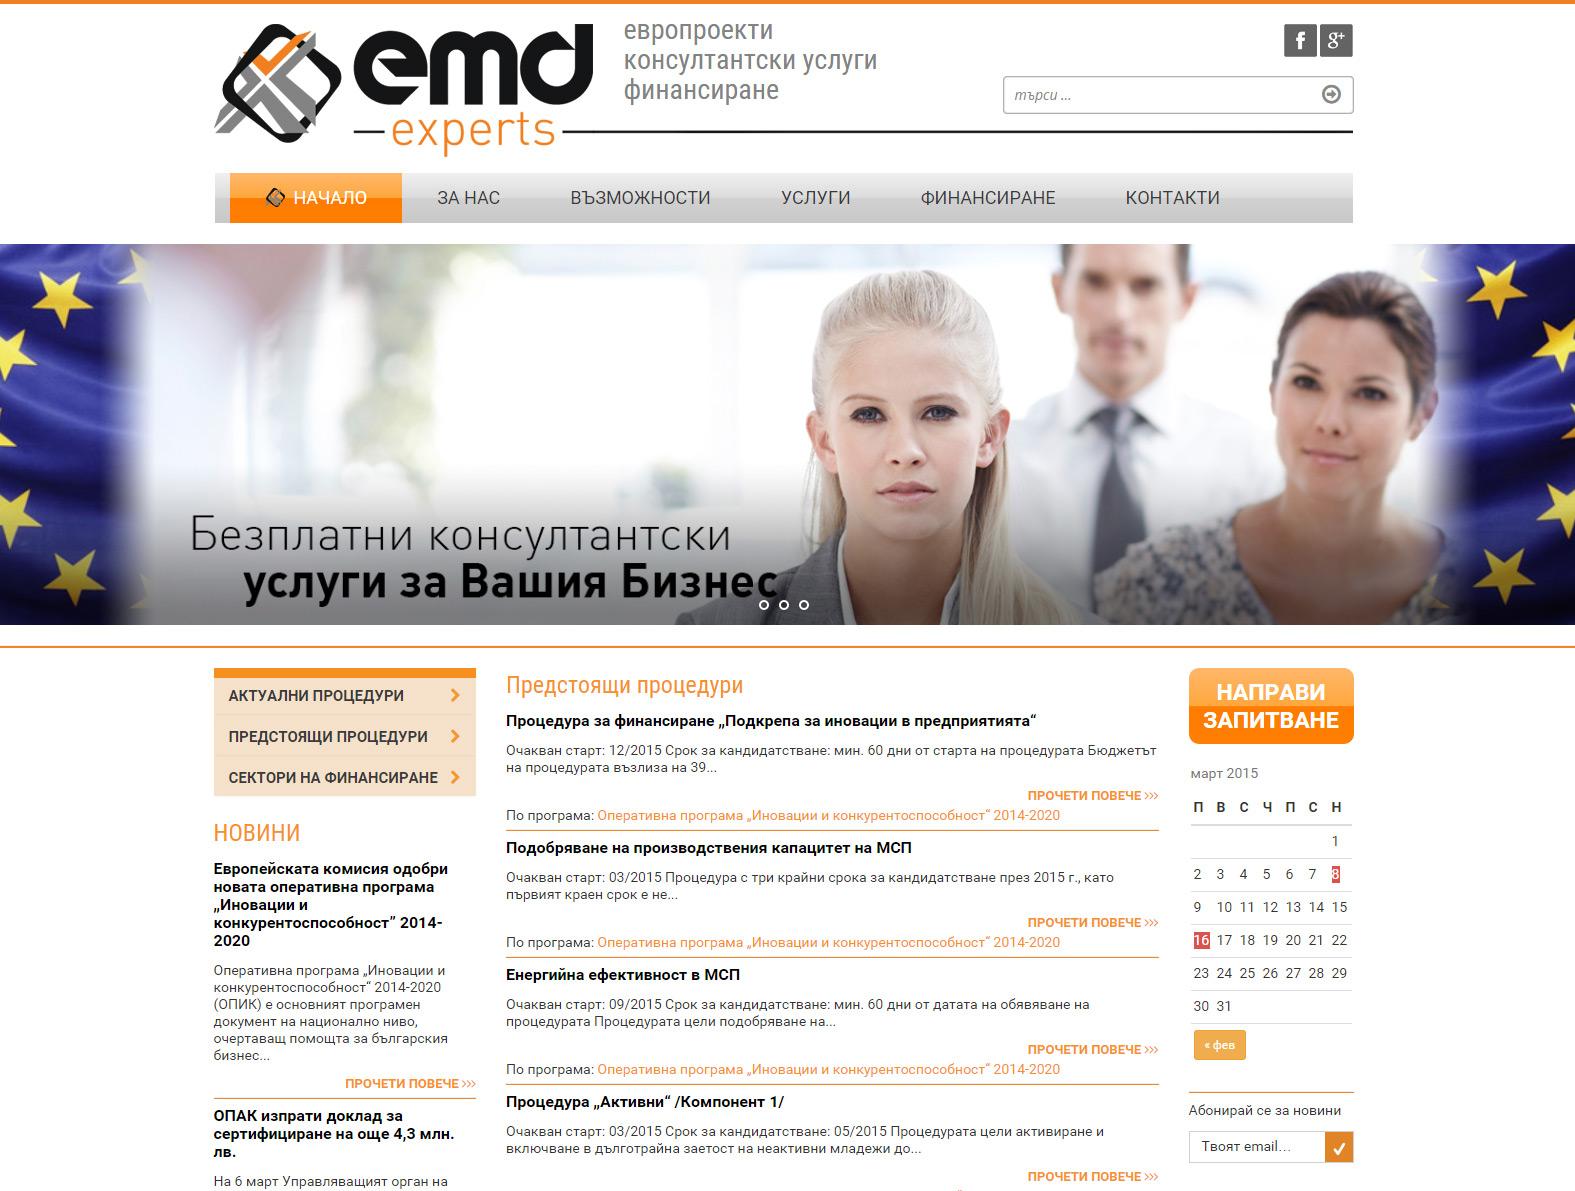 EMD EXPERTS